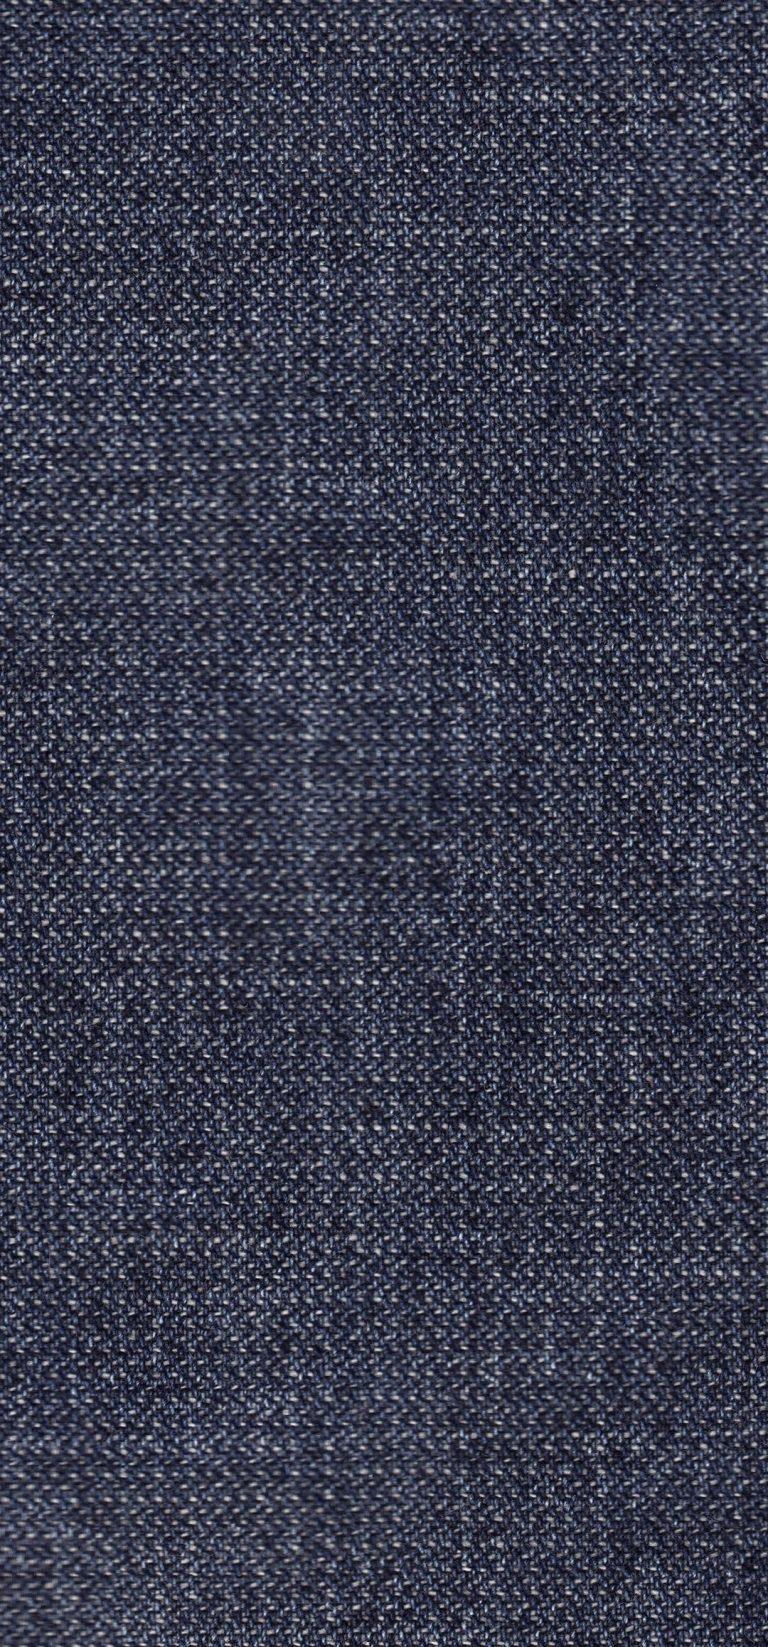 1080x2316 Wallpaper 271 768x1647